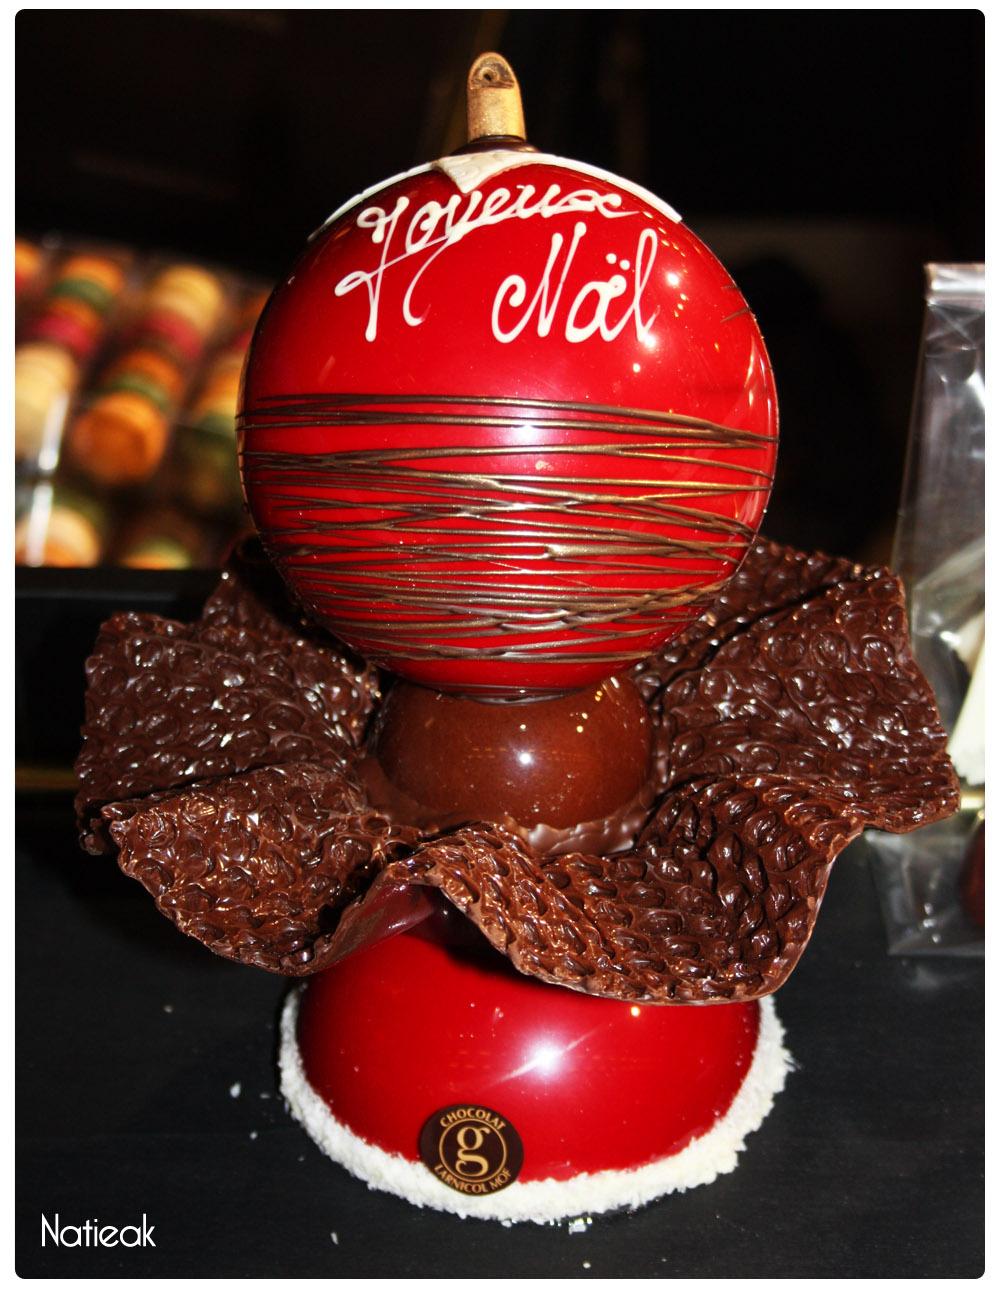 boule de Noël en chocolat de Nicolas Larnicol